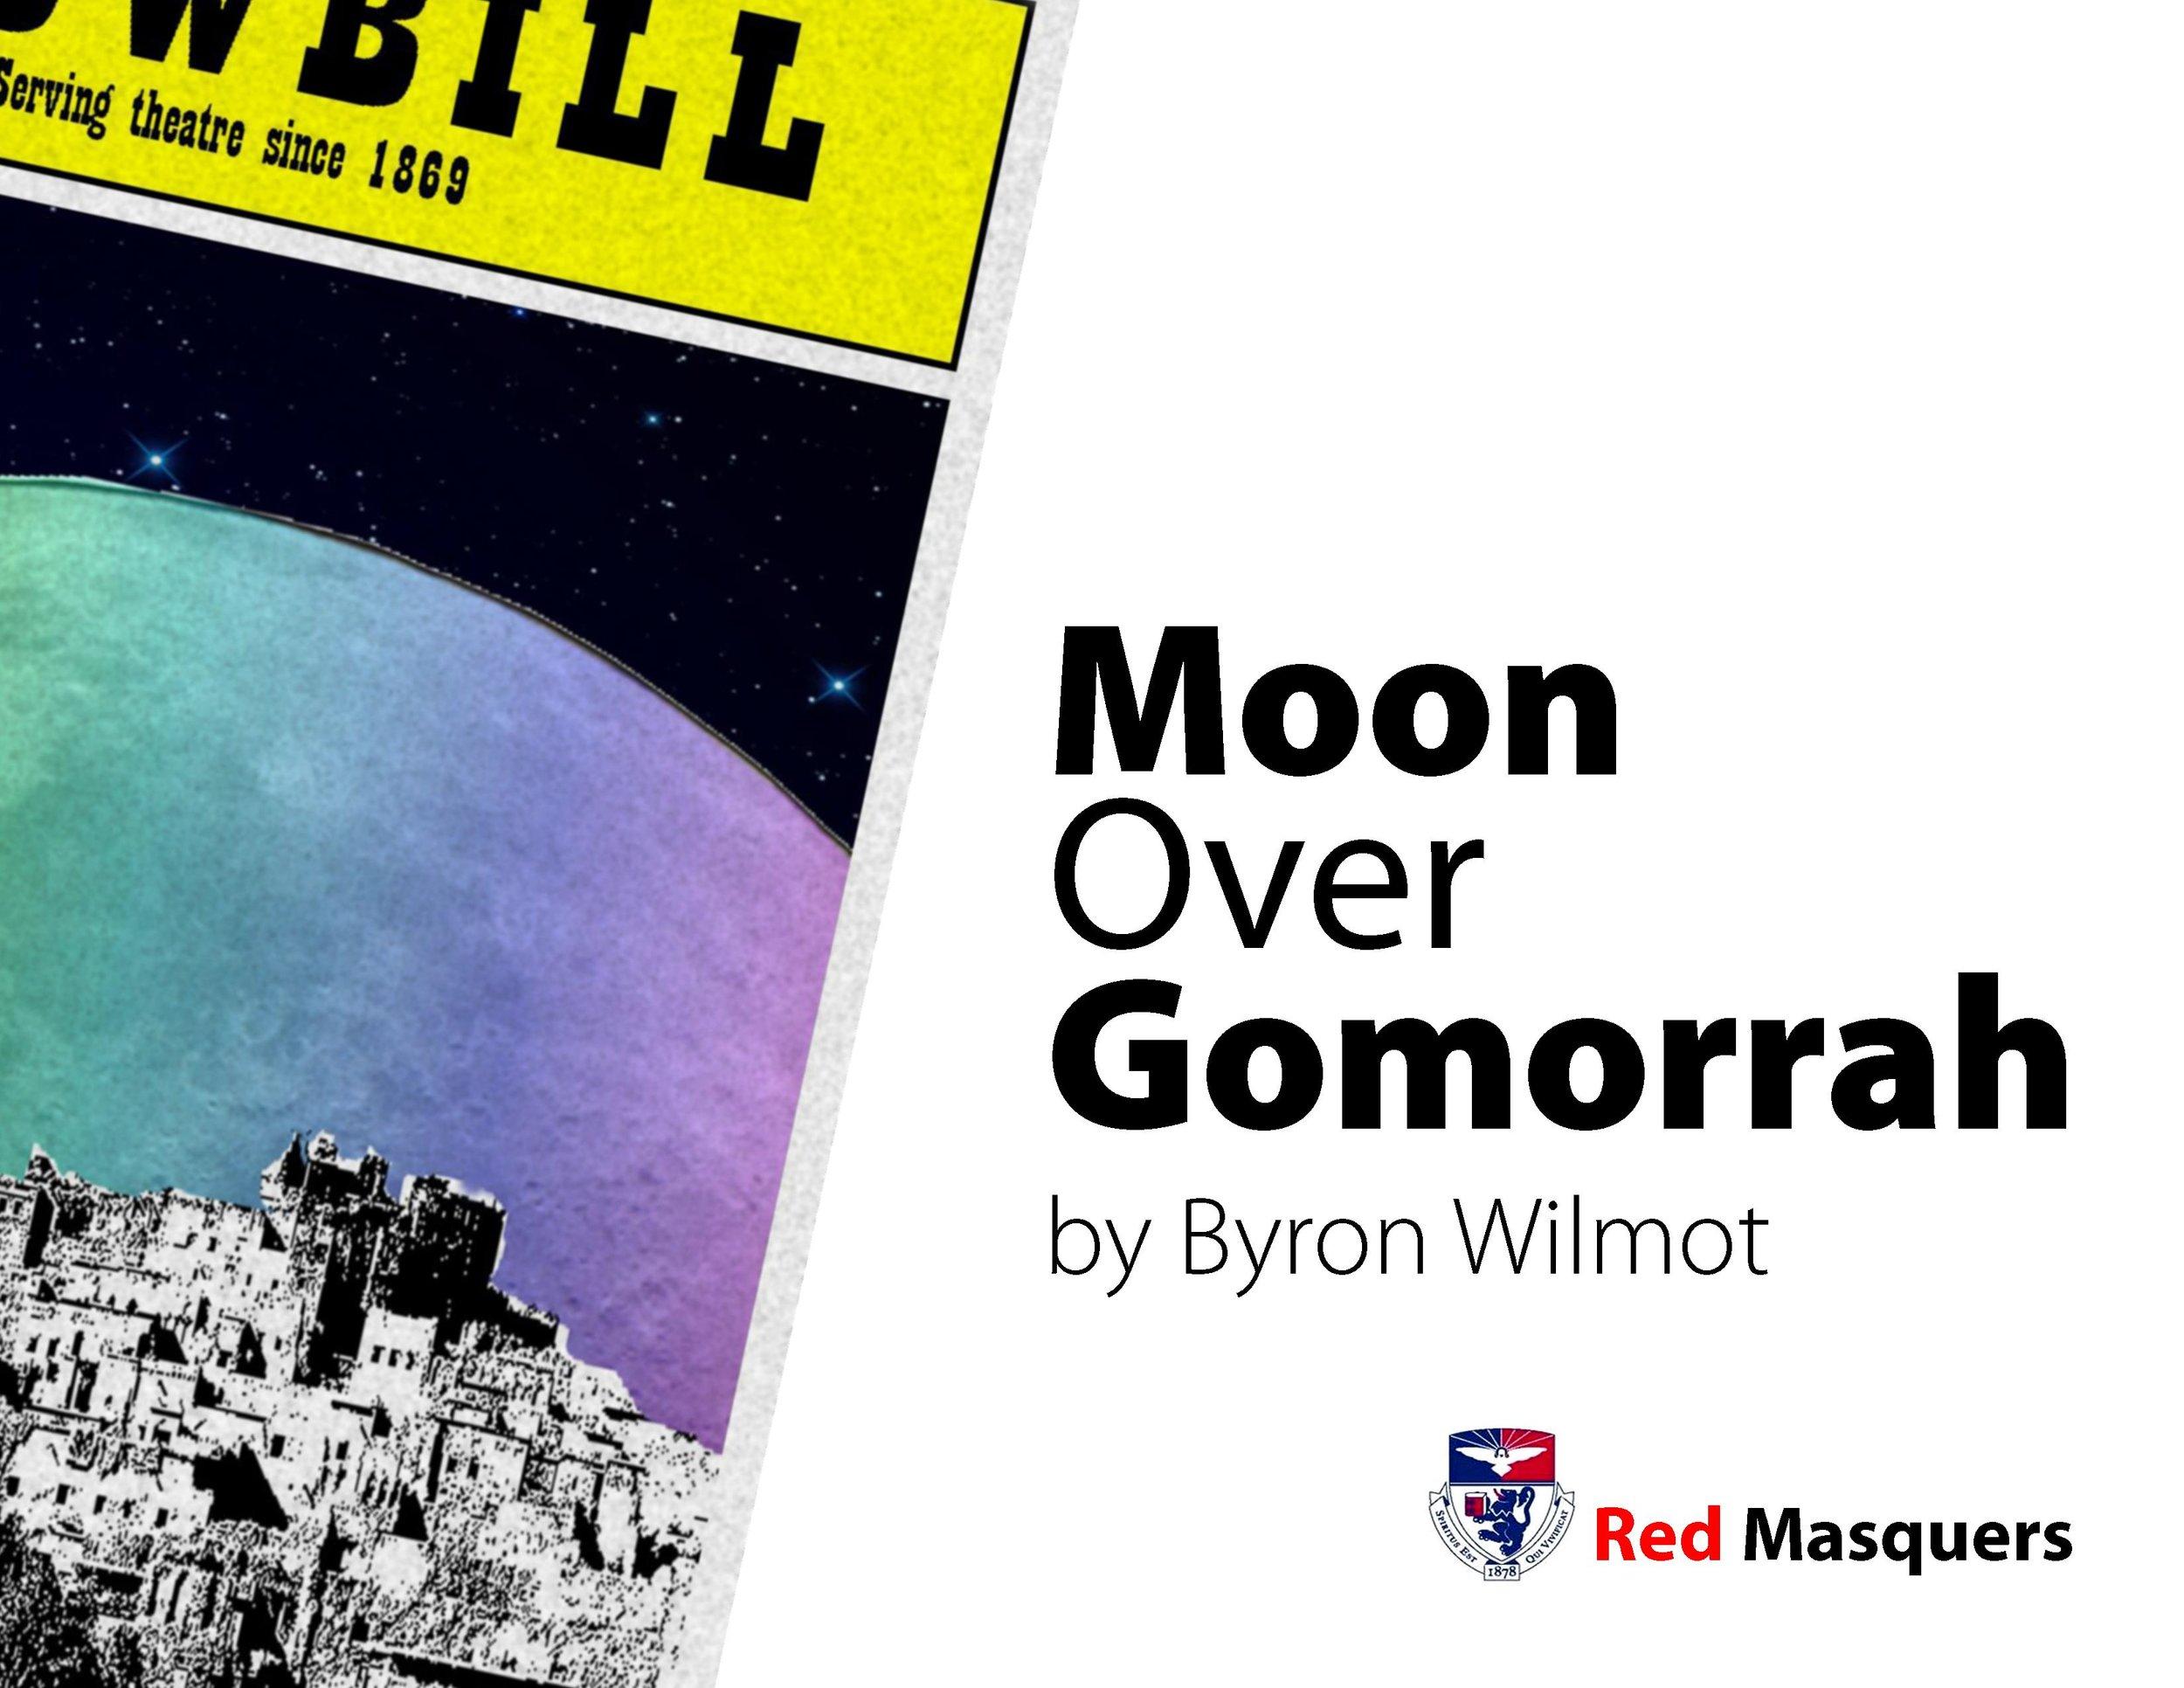 Moon Over Gomorrah Poster.jpg